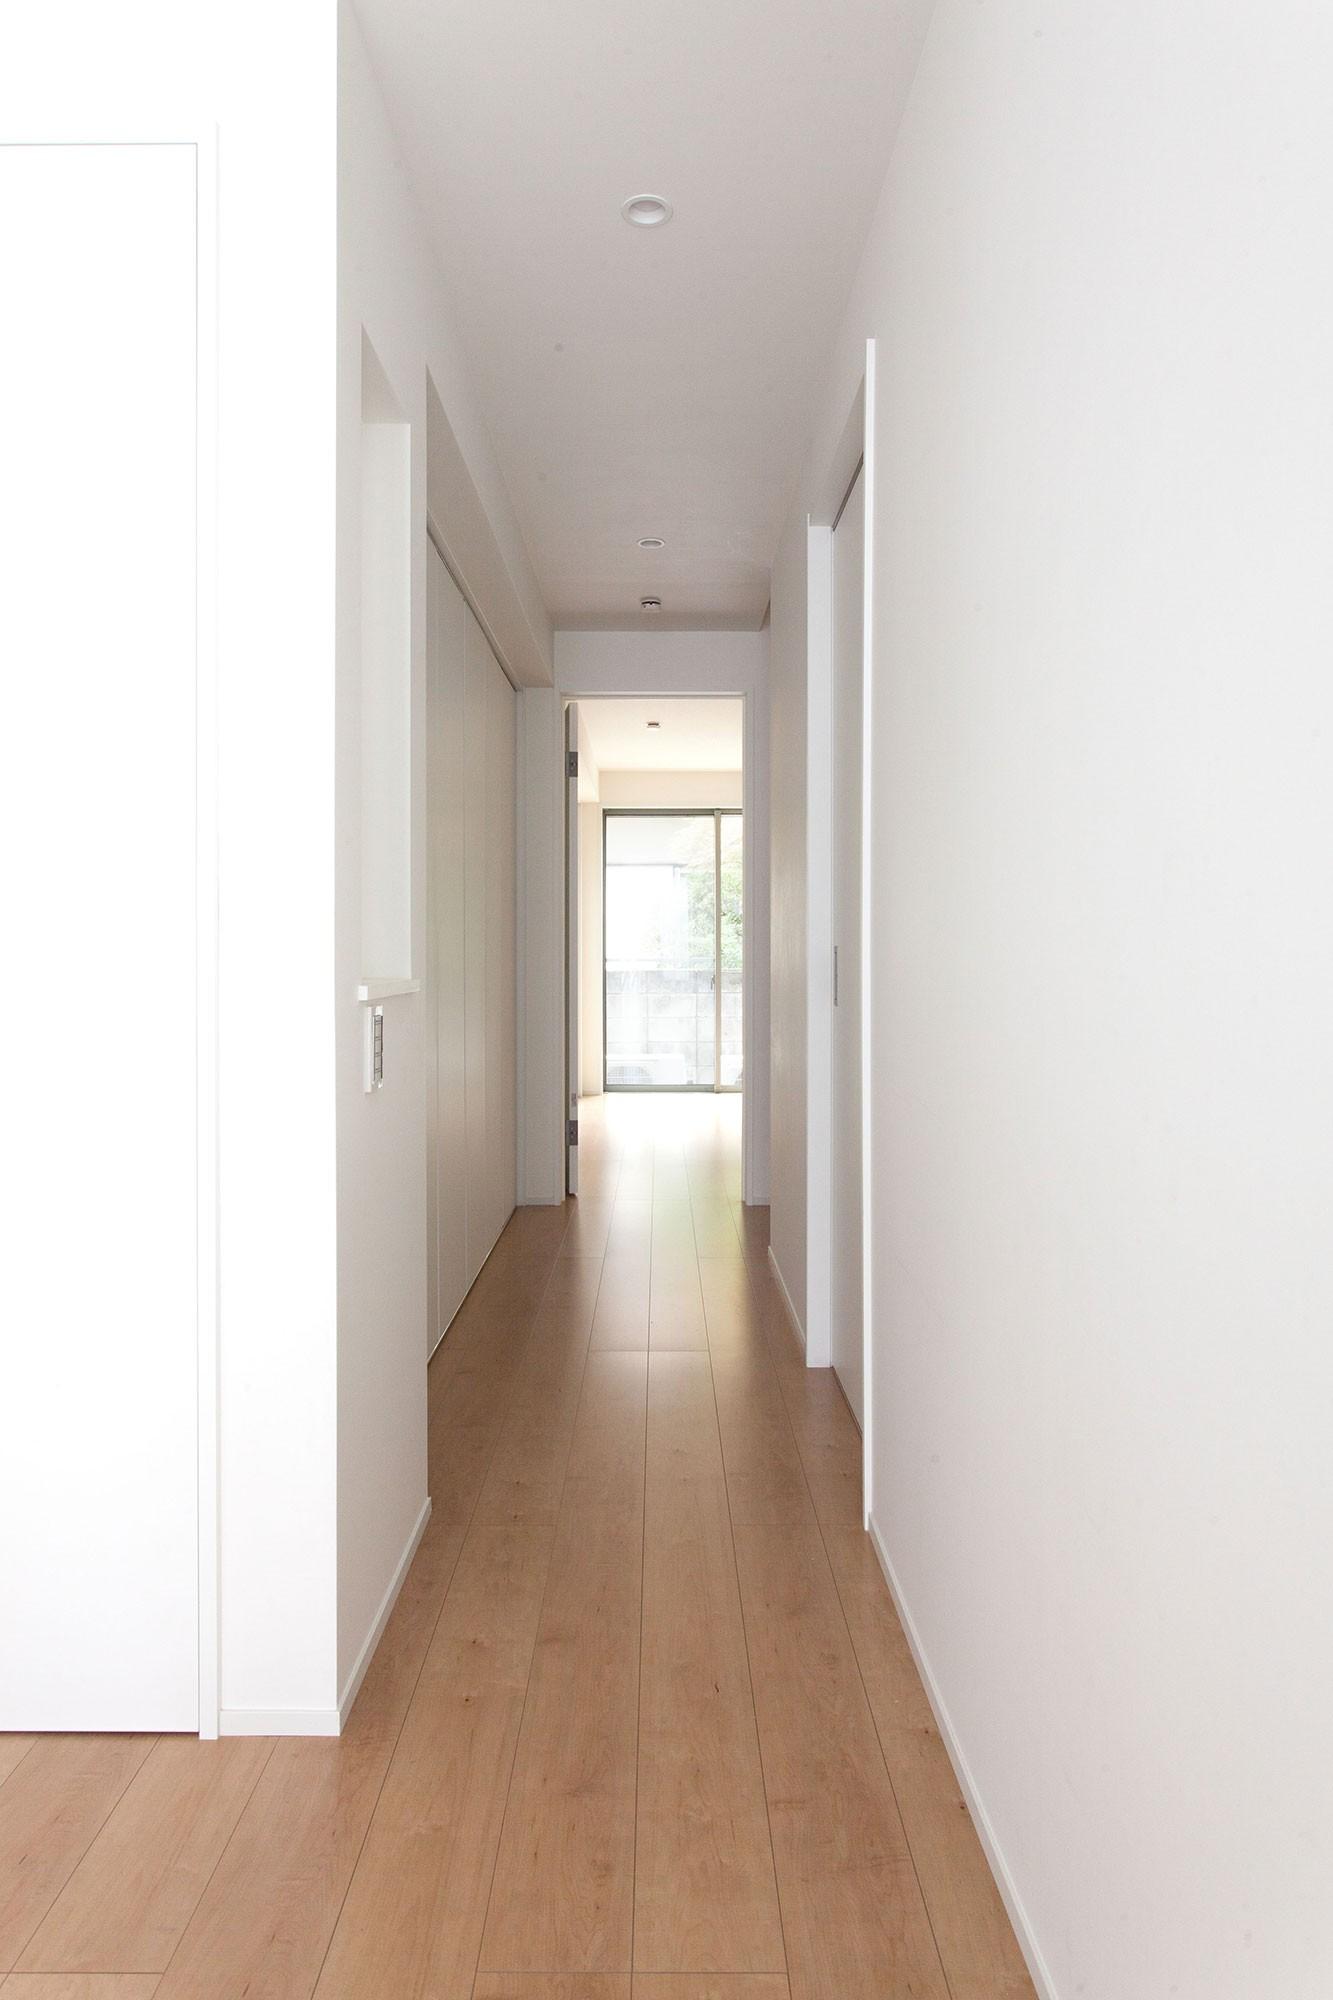 その他事例:廊下(高島平の家-敷地形状を活かした伸びやかな住空間)